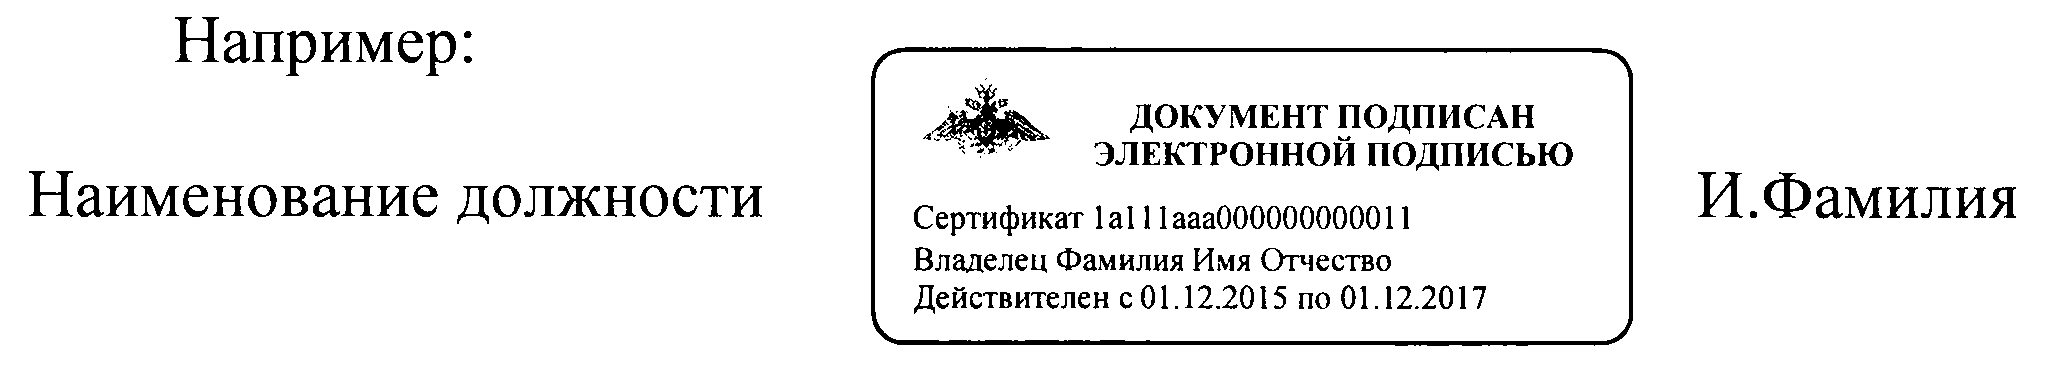 Сергей борисович штерн адвокат